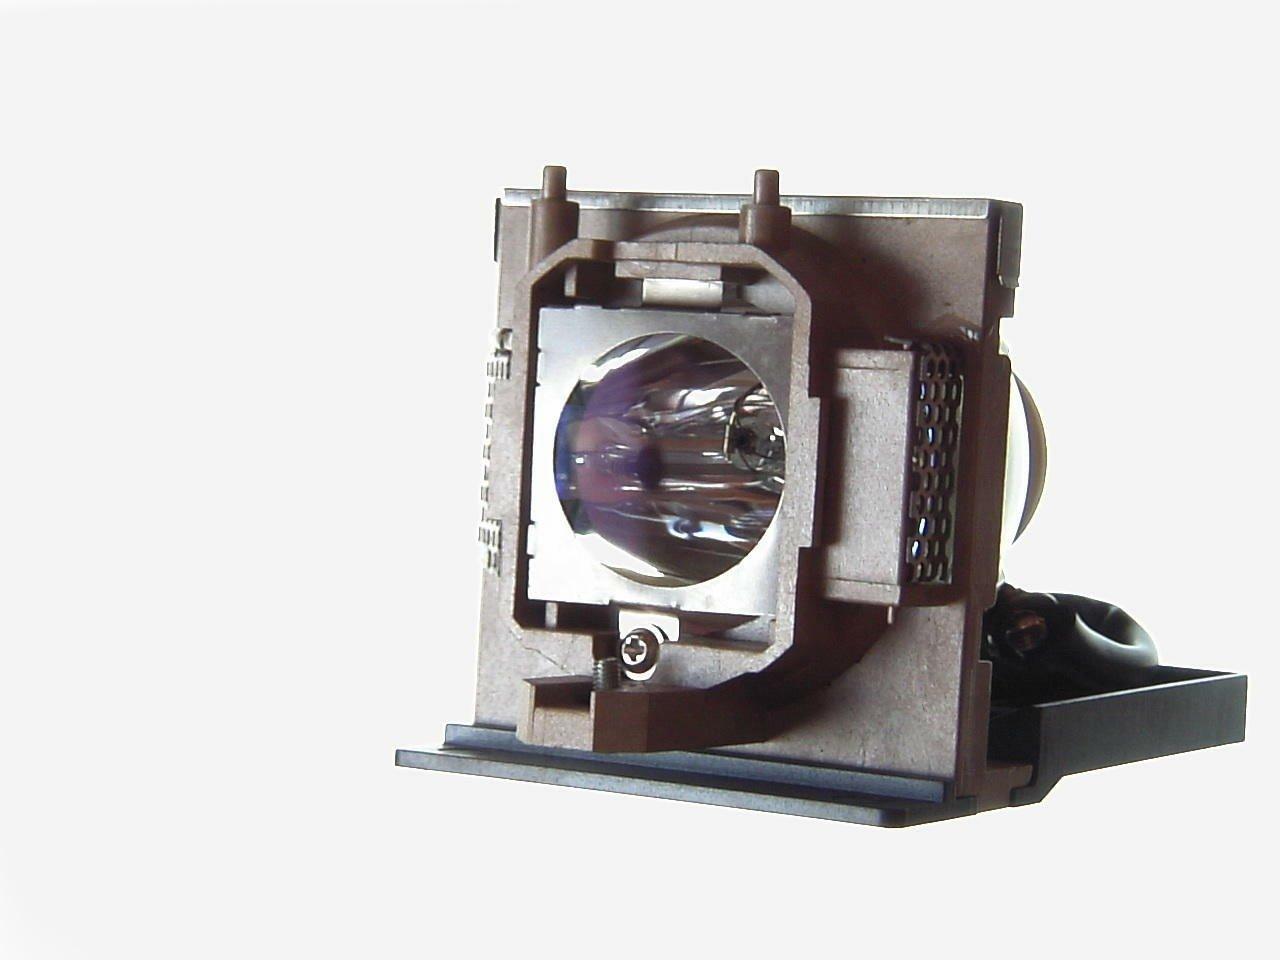 BENQ PB6115プロジェクター用ダイヤモンドランプ ウシオ電球内蔵   B0085D4NDO